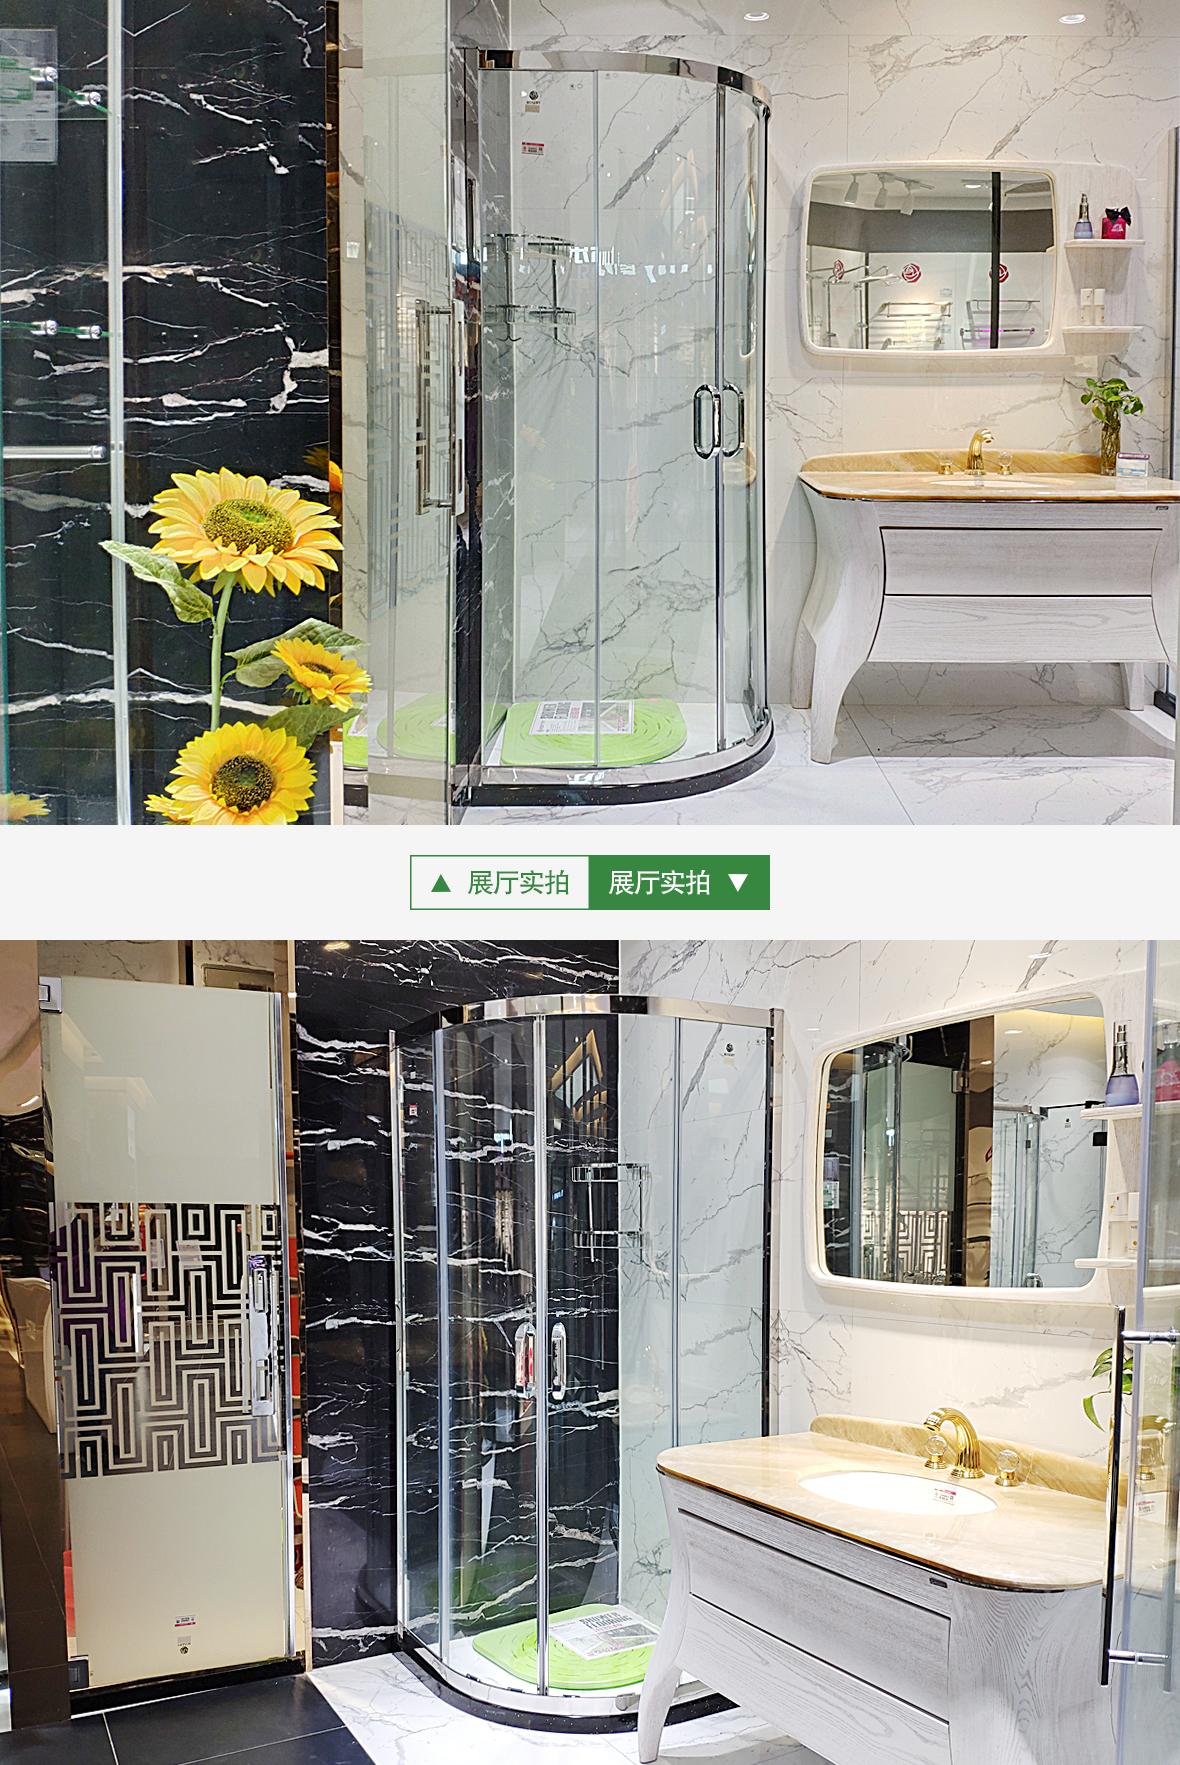 玫瑰岛 FB-S442型号淋浴房 不锈钢材质钢化玻璃浴室专用图片、价格、品牌、评测样样齐全!【蓝景商城正品行货,蓝景丽家大钟寺家居广场提货,北京地区配送,领券更优惠,线上线下同品同价,立即购买享受更多优惠哦!】